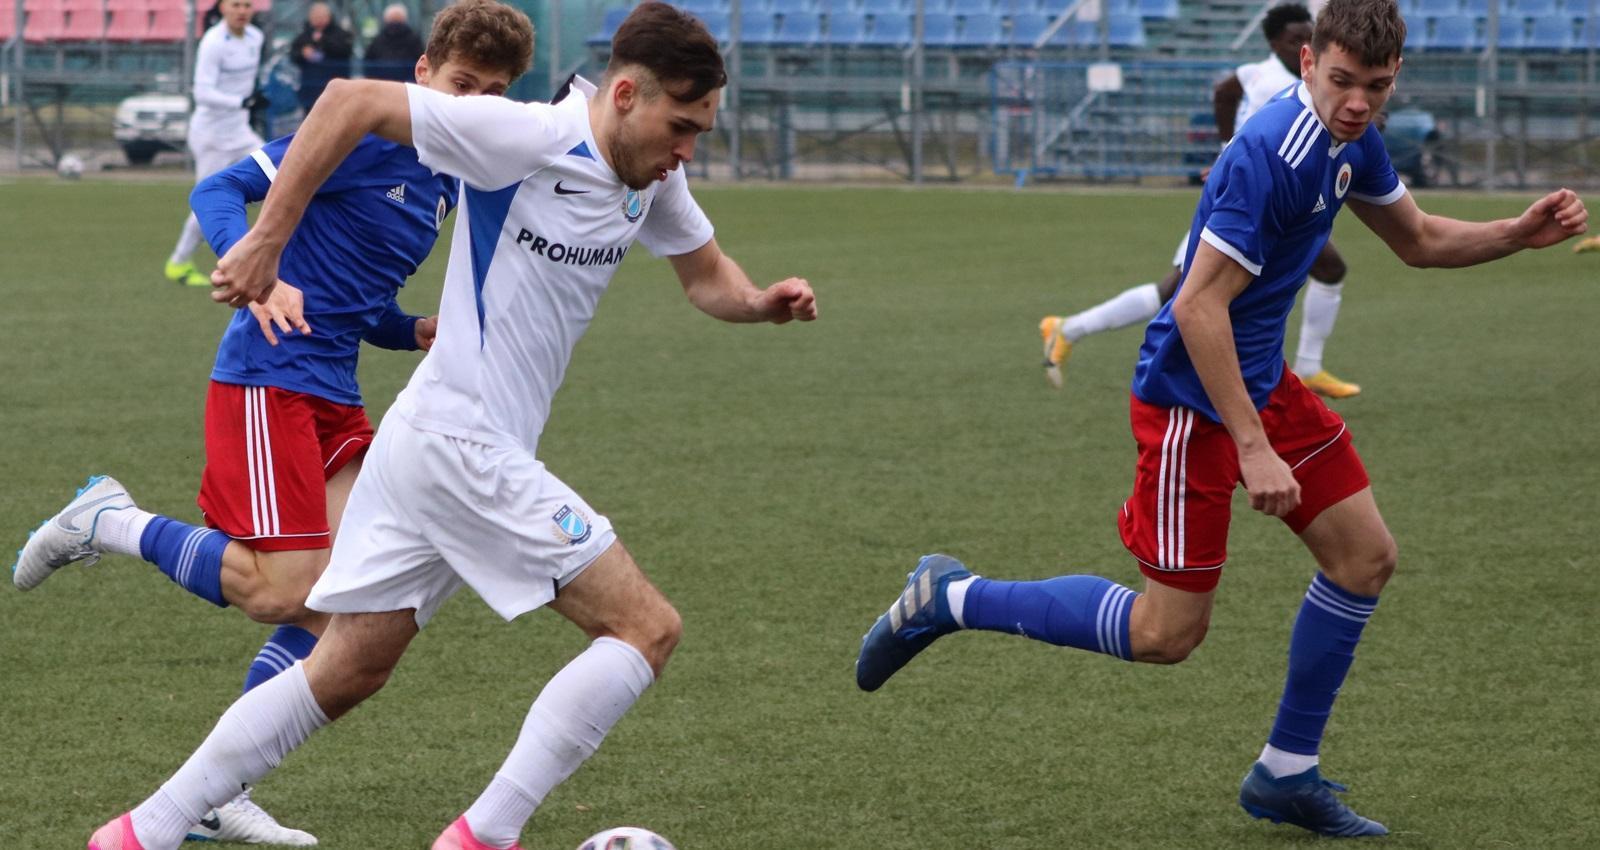 U19: Vereség az utolsó pótolt meccsen (GALÉRIA)